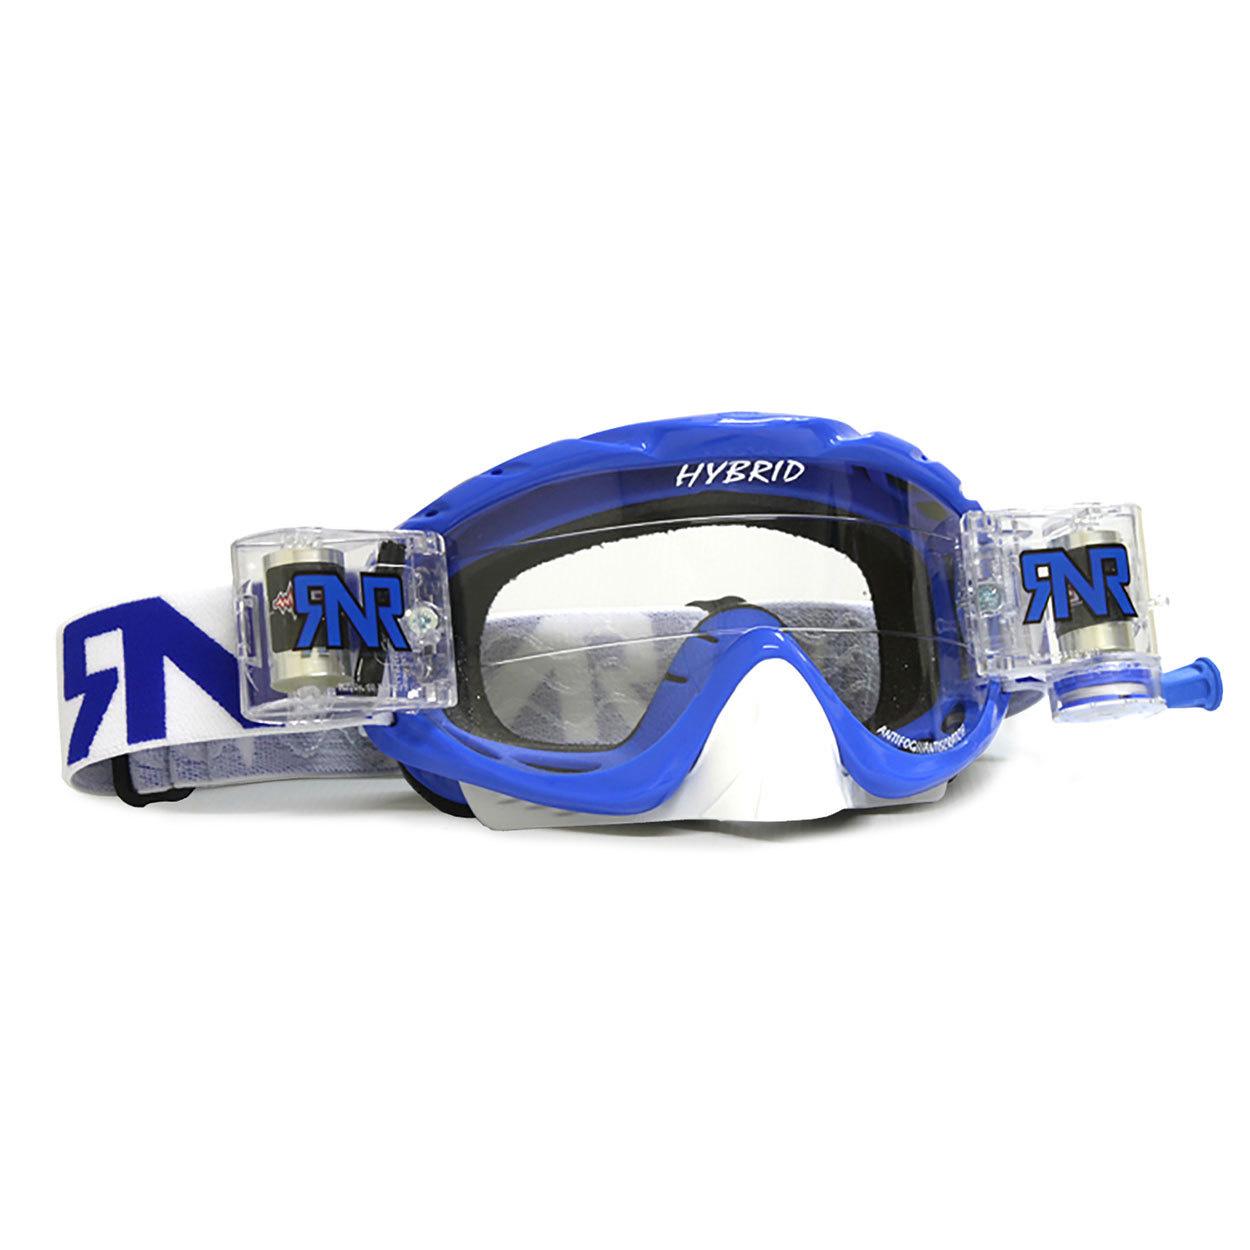 RNR Crossbril Racerpack Hybrid - Nobo Blauw